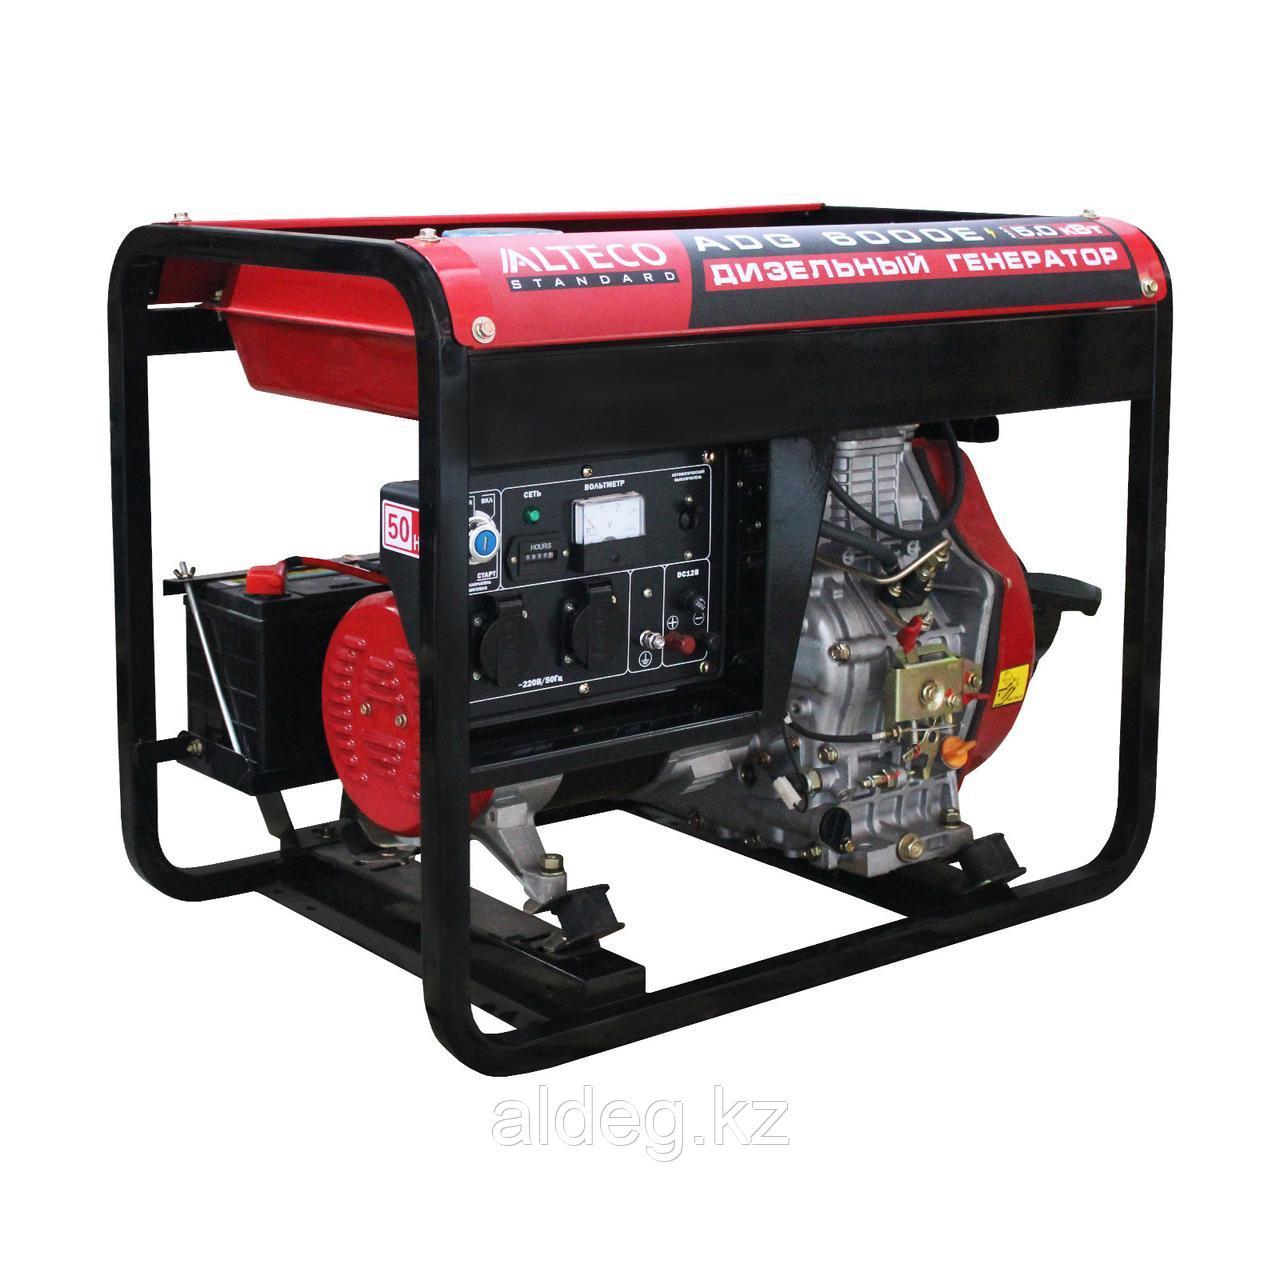 Дизельный генератор Alteco Standard ADG 6000Е